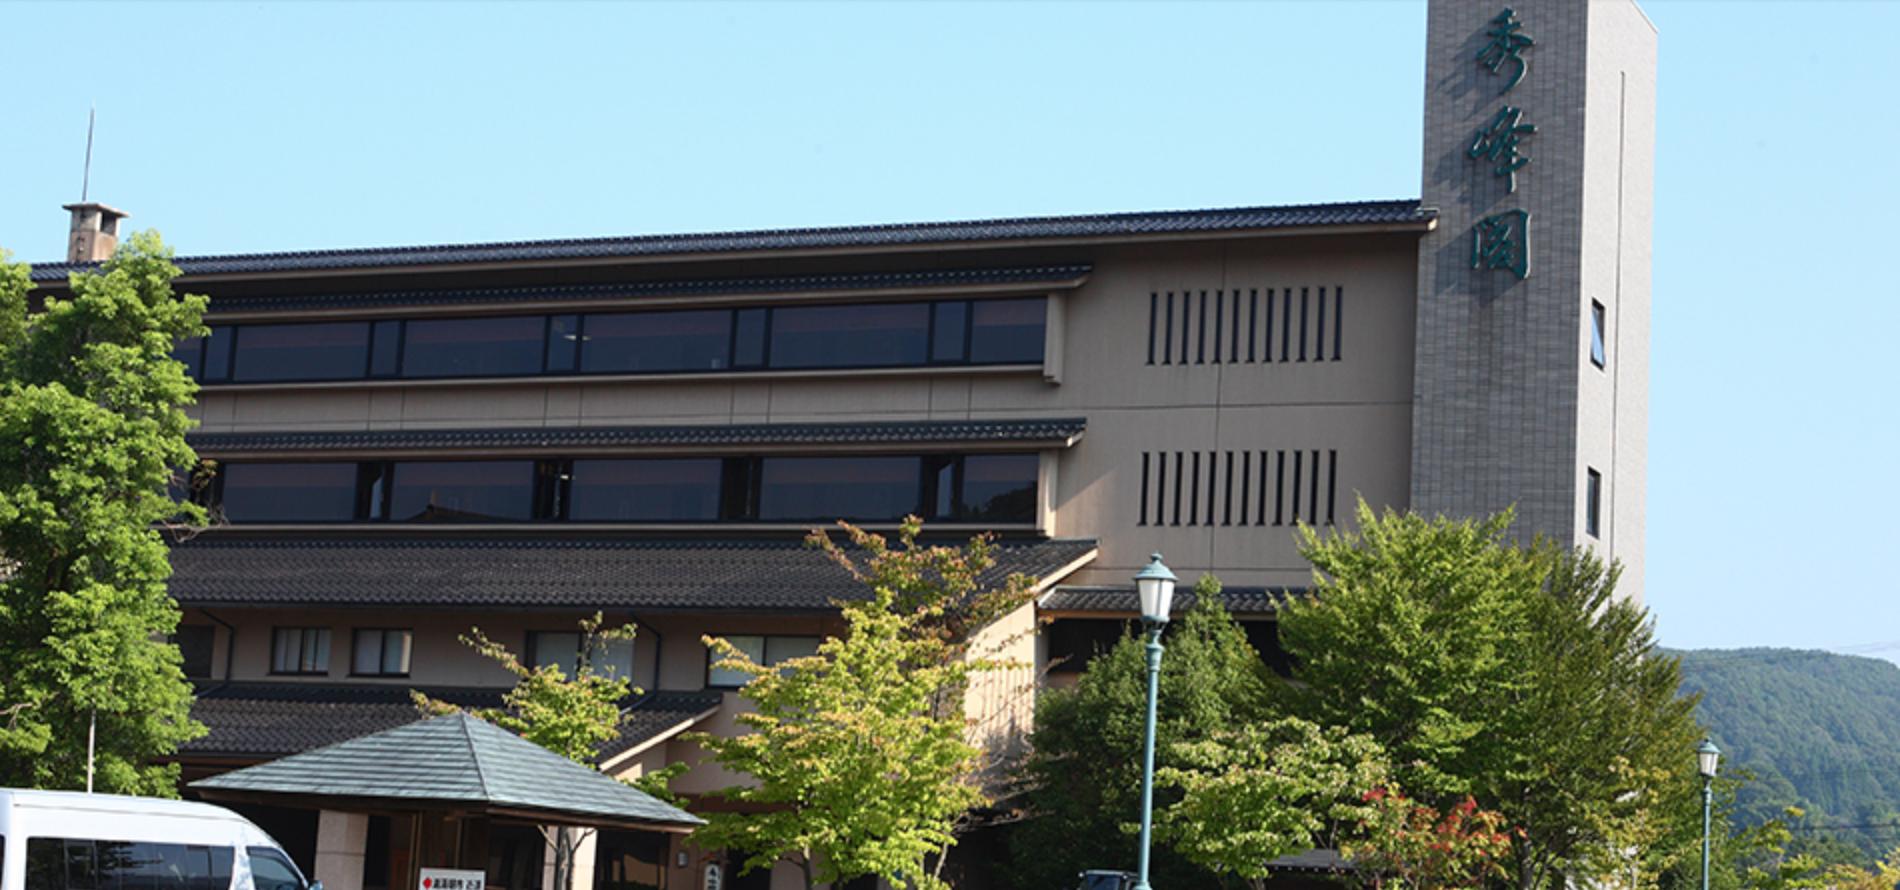 「新右ヱ門 秀峰閣」が3月17日で閉店